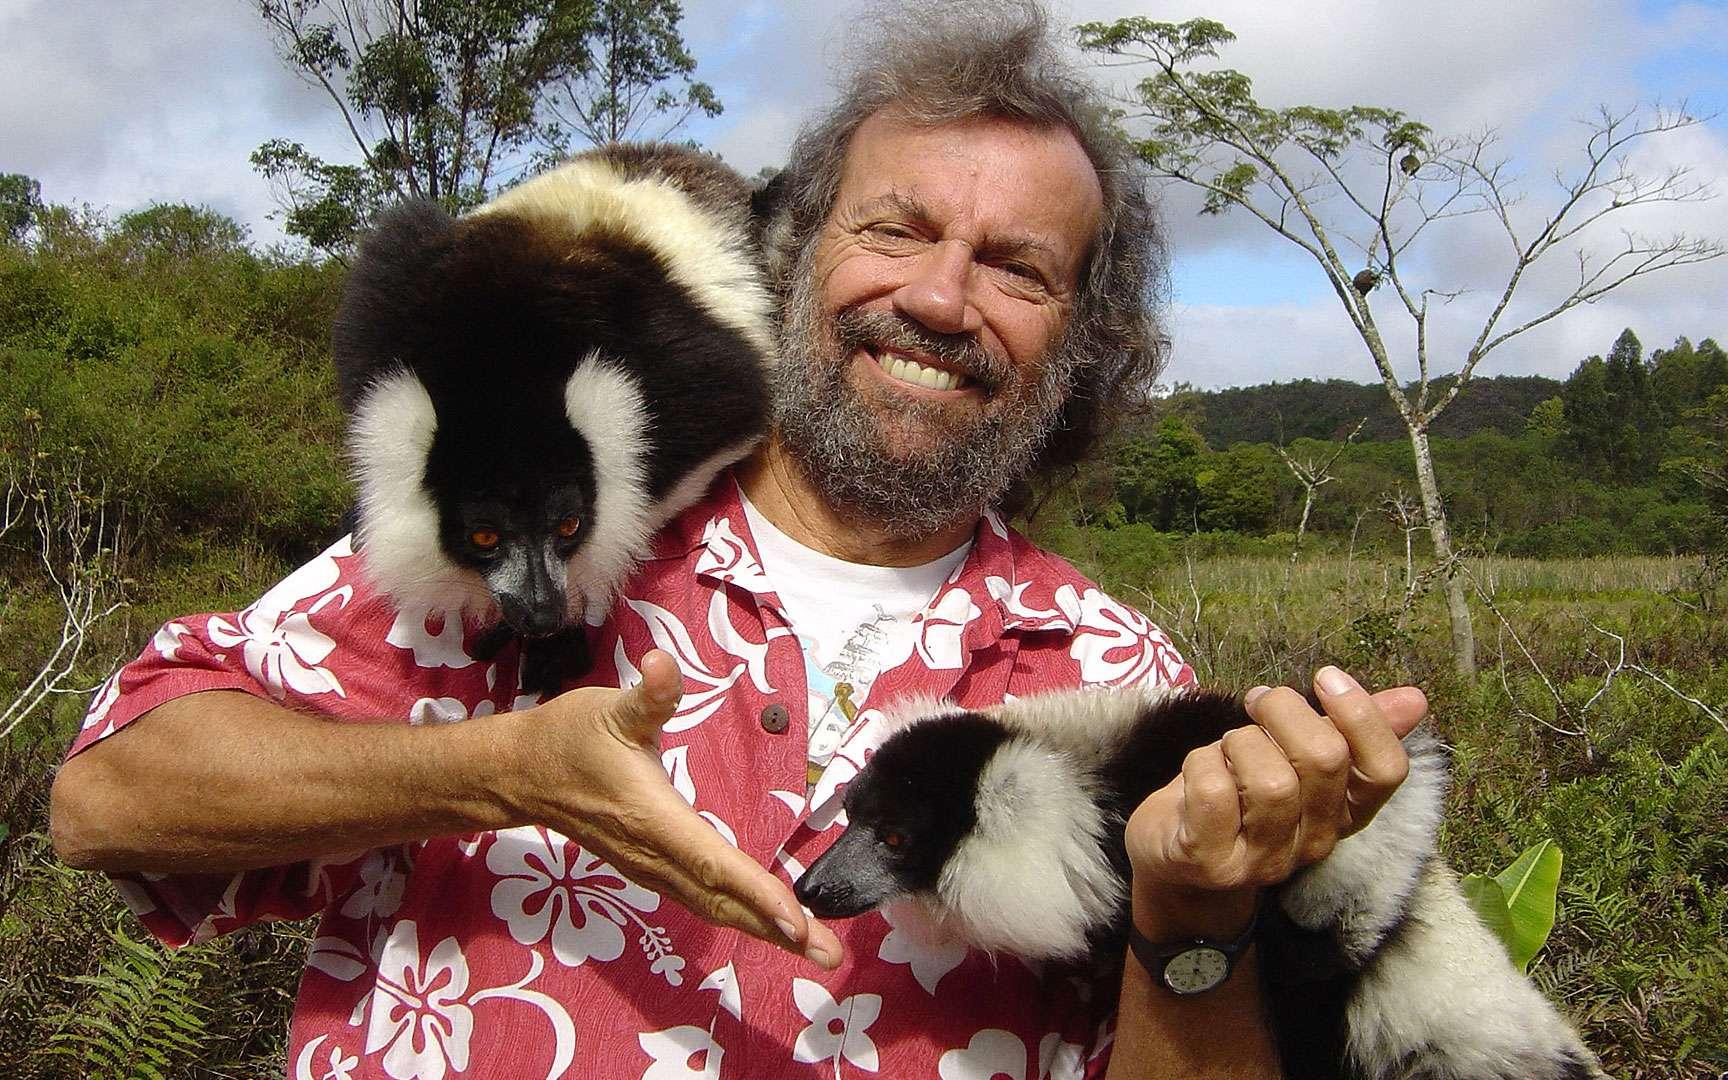 Antoine et les varis. Deux varis semblent avoir adopté Antoine… Le vari noir-et-blanc, de son nom scientifique Varecia varegata, est une espèce de lémuriens menacée par la déforestation. © Antoine